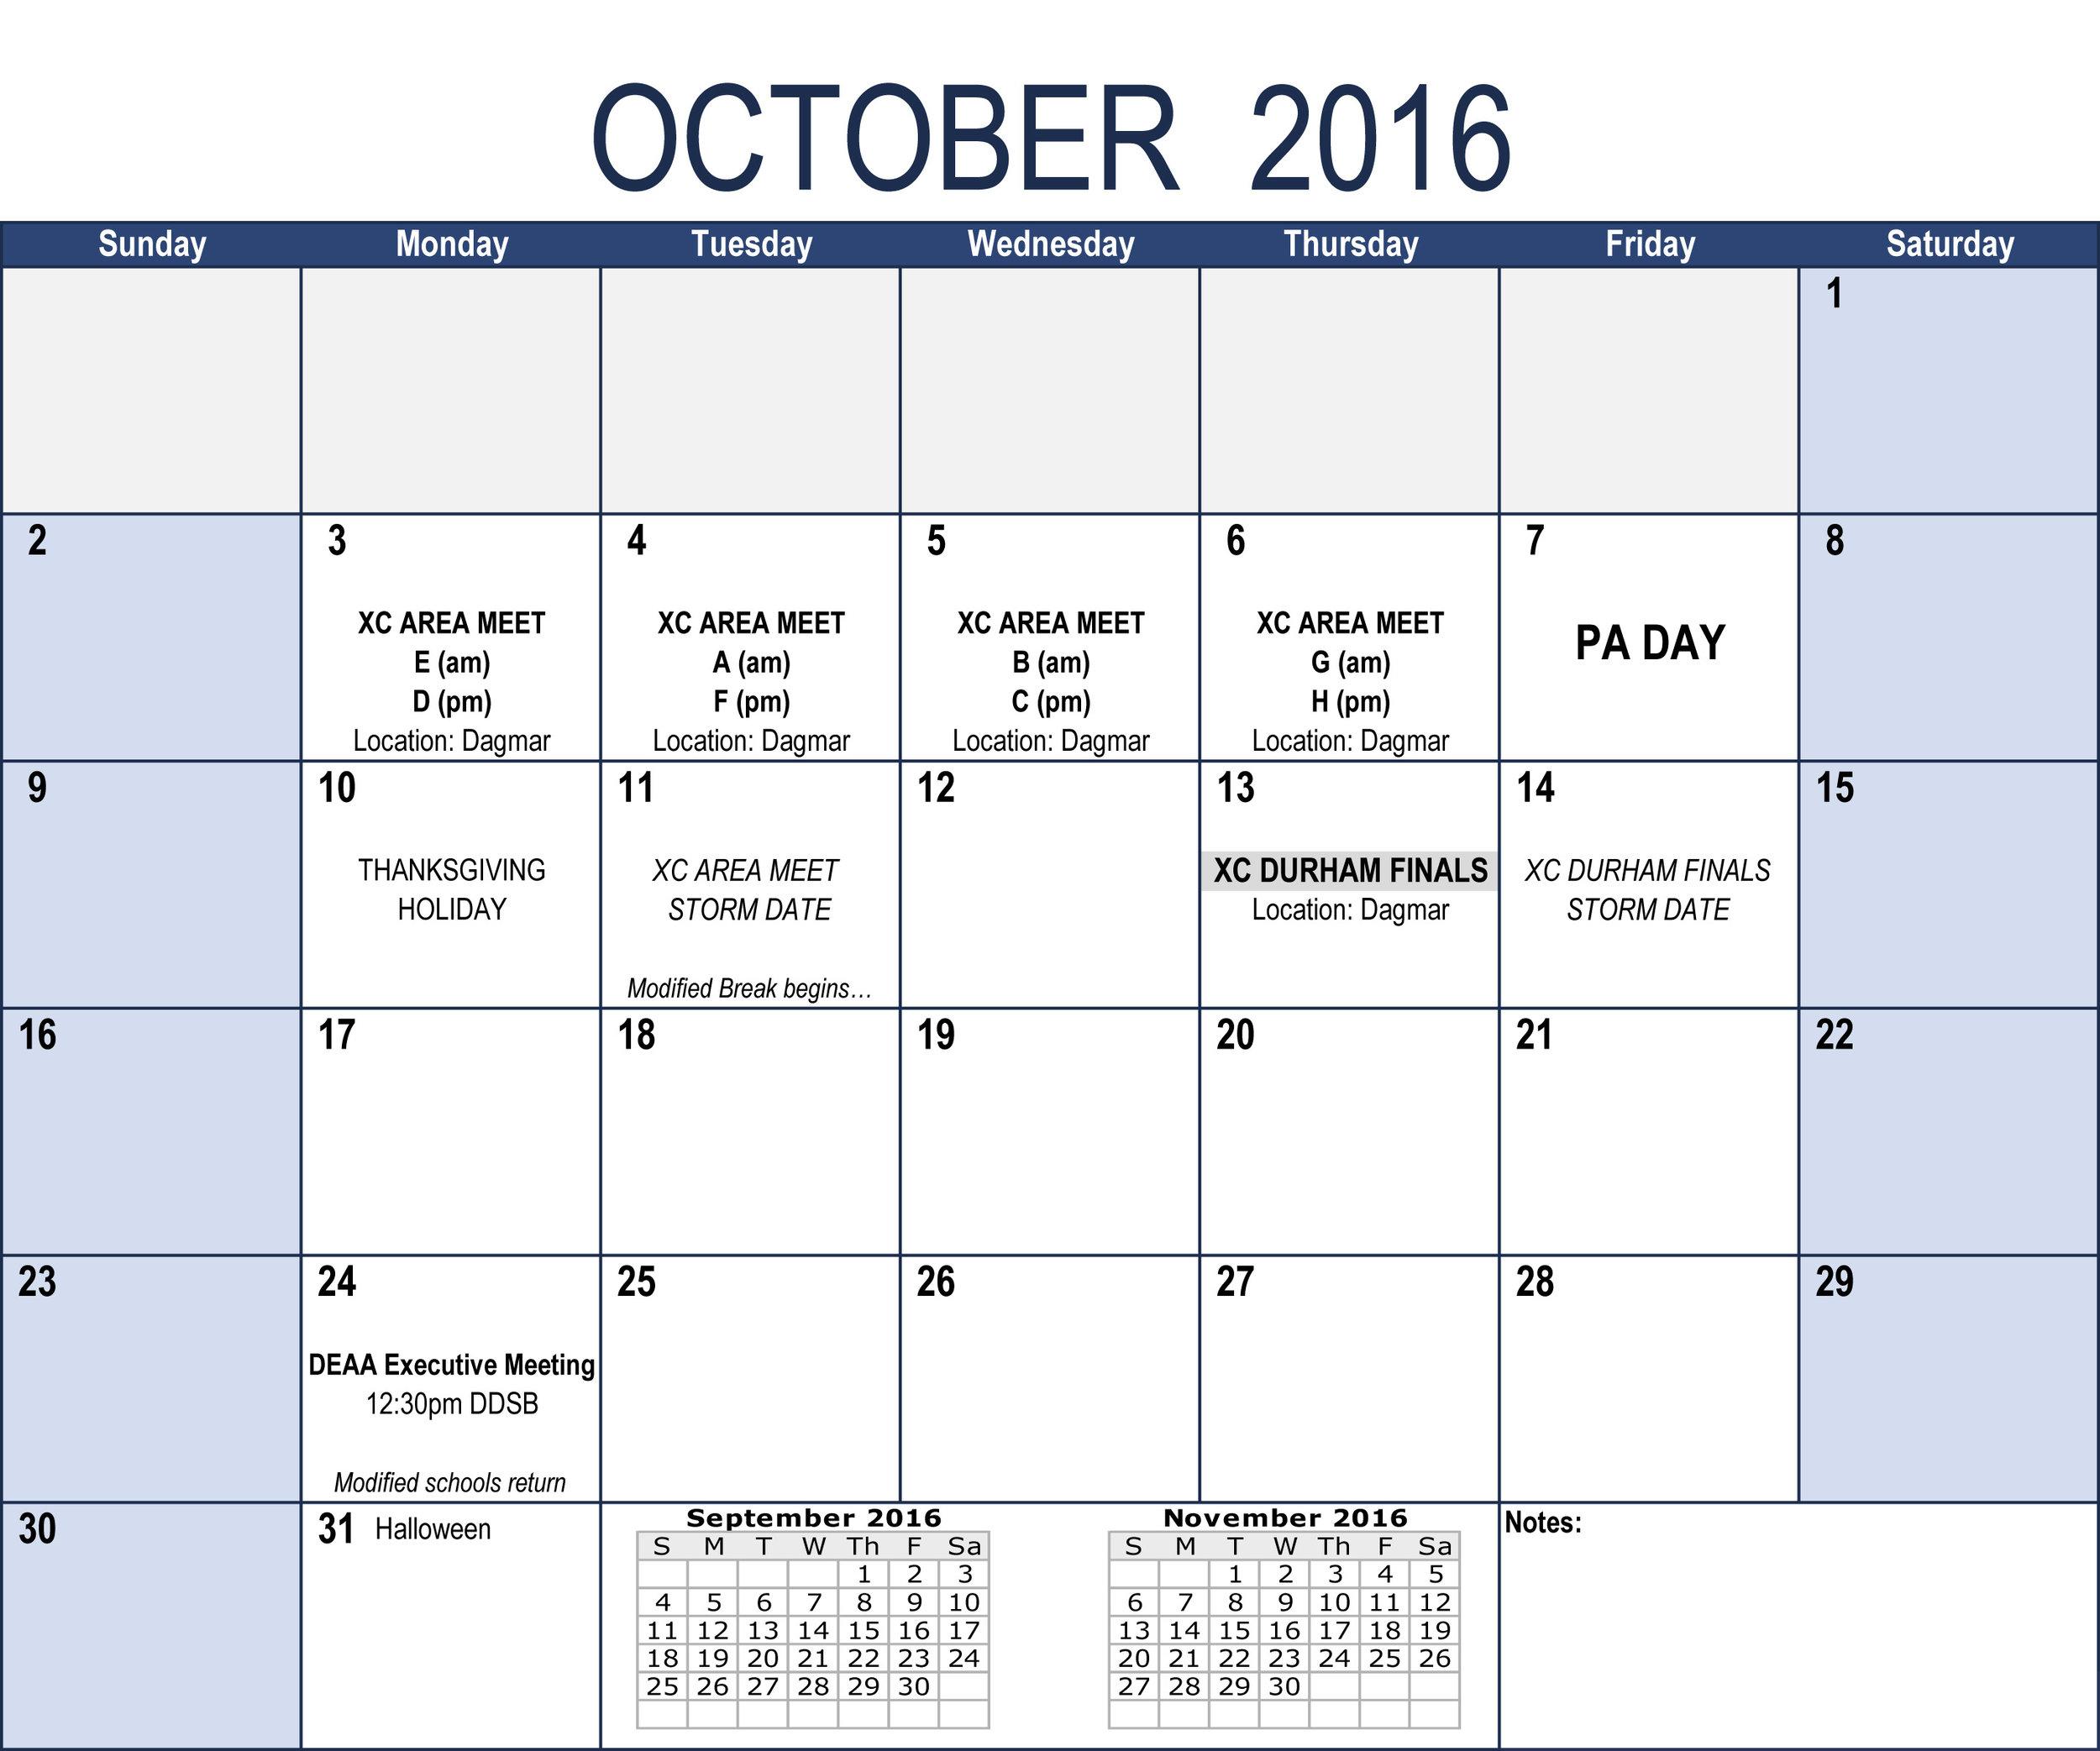 2016-2017-deaa-calendar-2.jpg